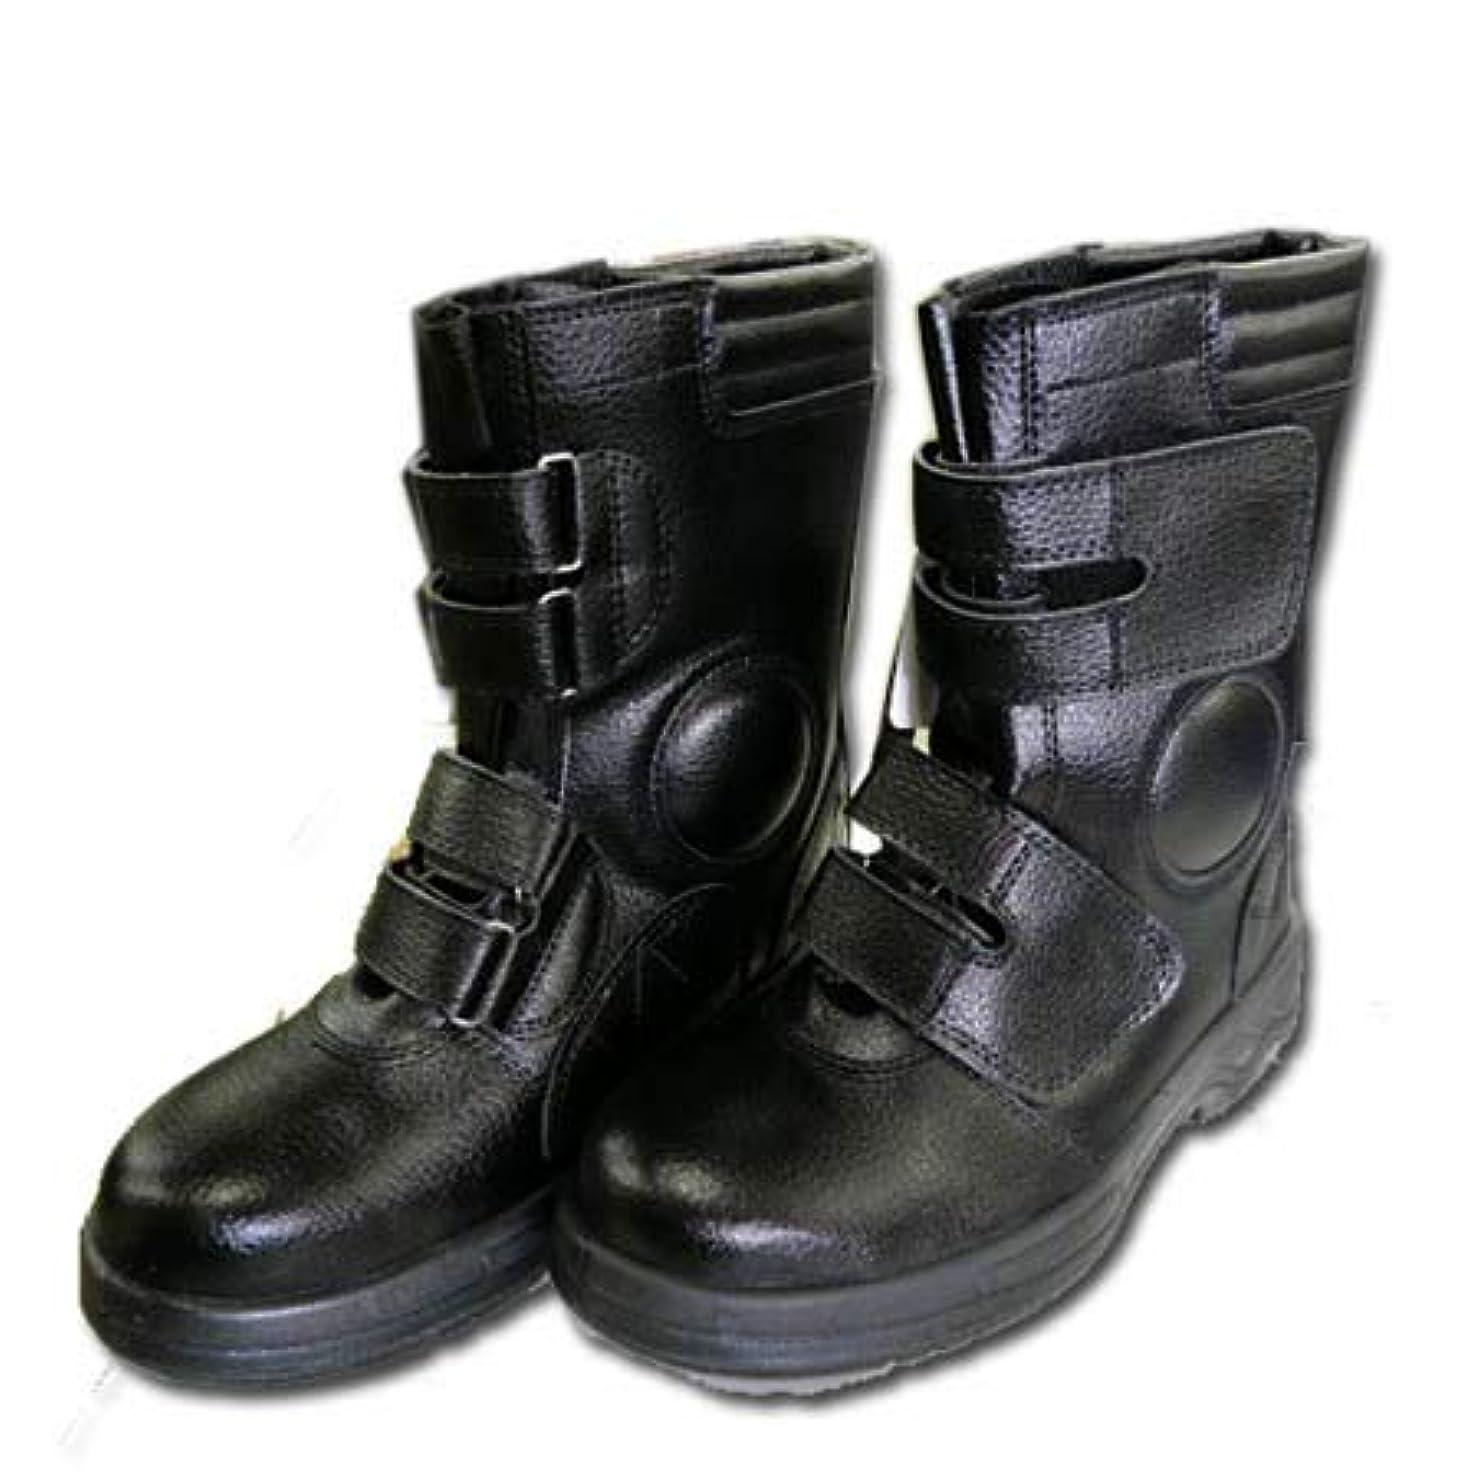 区別する影響を受けやすいです勝利した安全半長靴マジック(ブロンコ) EK-888 栄幸